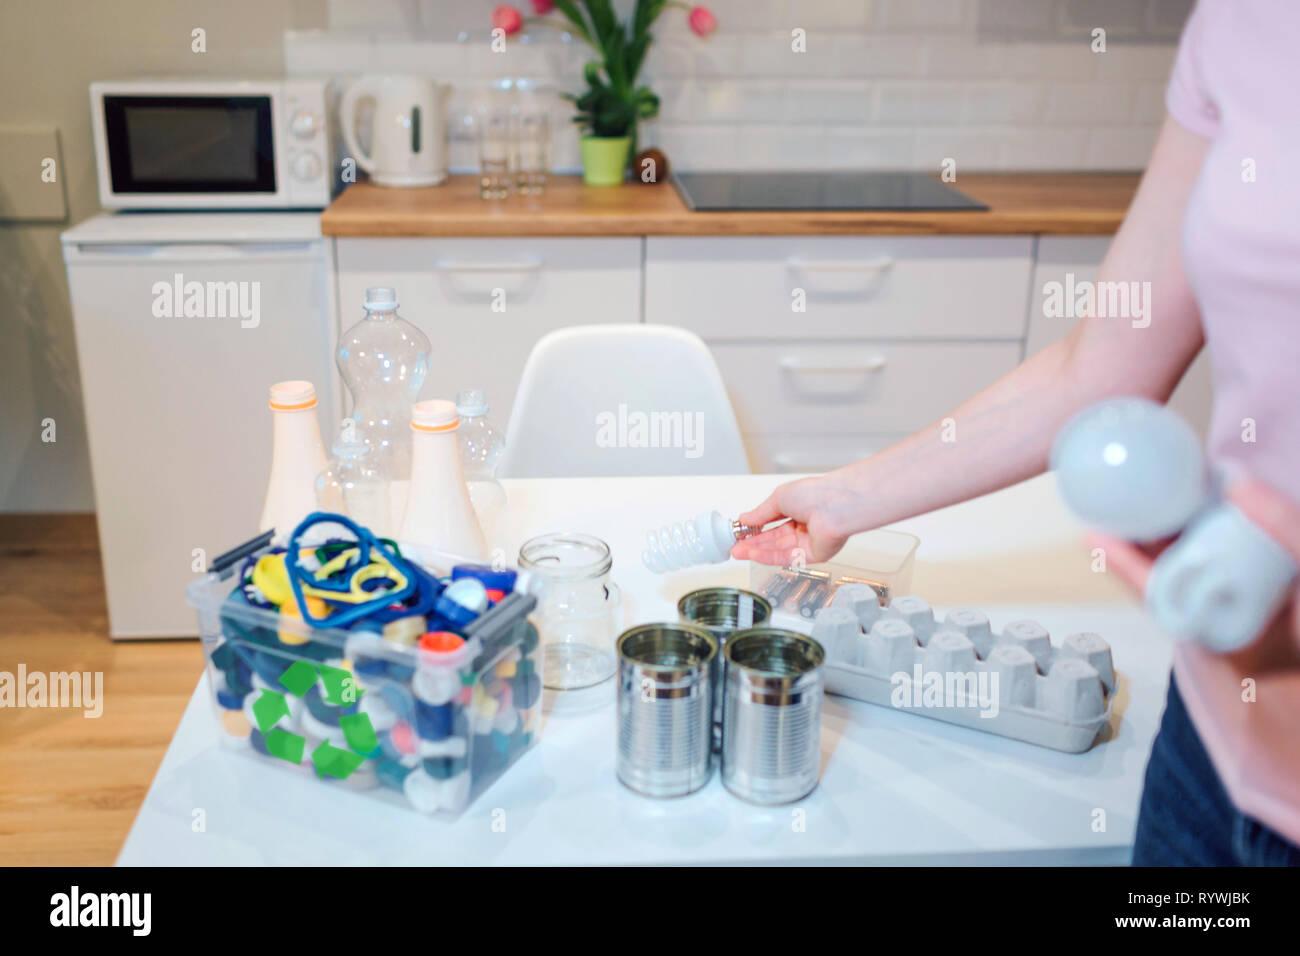 Reciclaje. Surtido de metal, plástico, vidrio, papel, residuos electrónicos sobre la mesa de la cocina Imagen De Stock